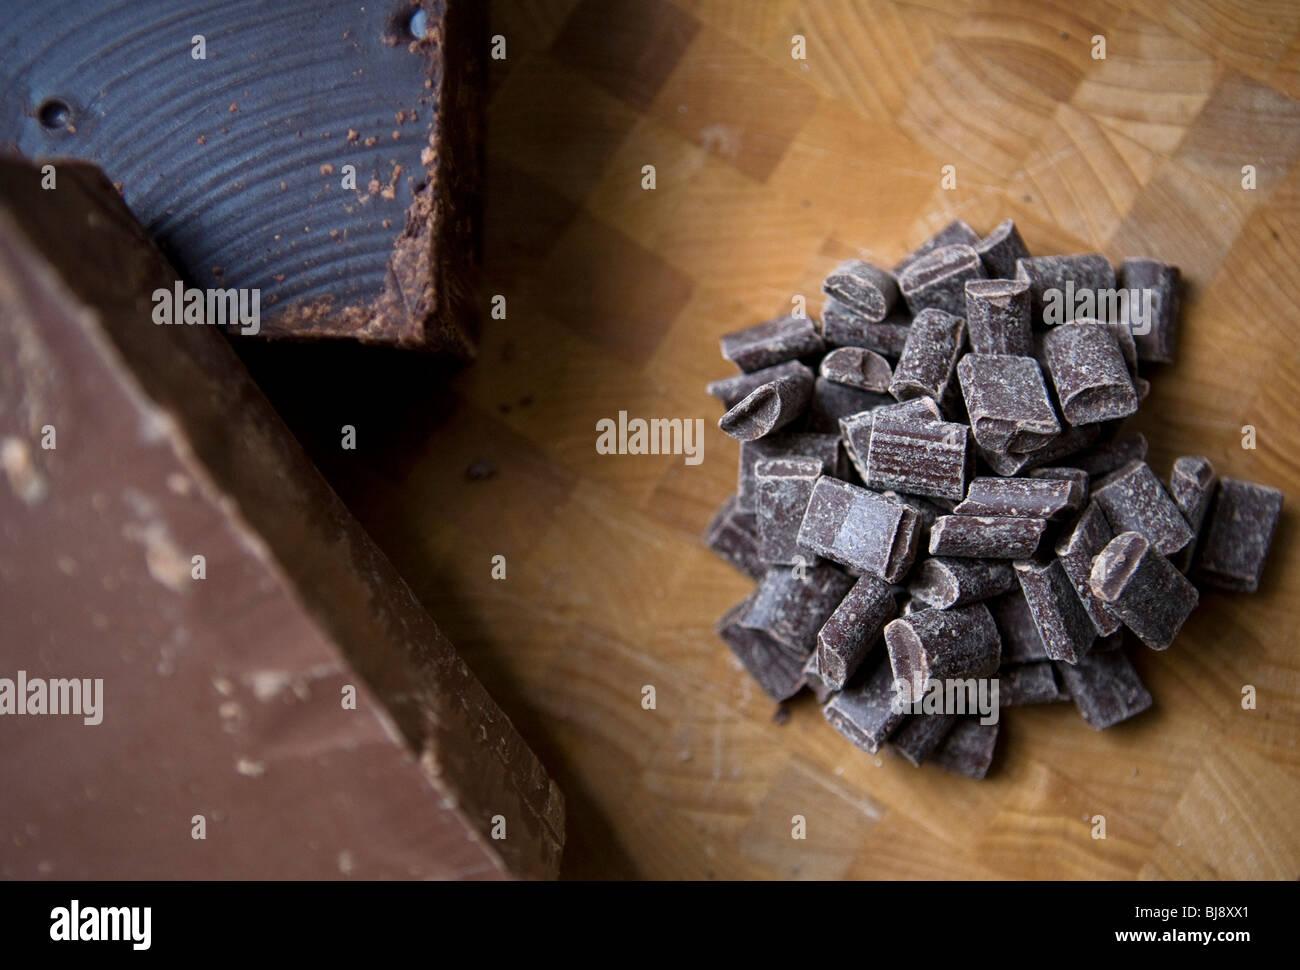 Cioccolato fondente e al latte in trucioli e blocchi. Immagini Stock